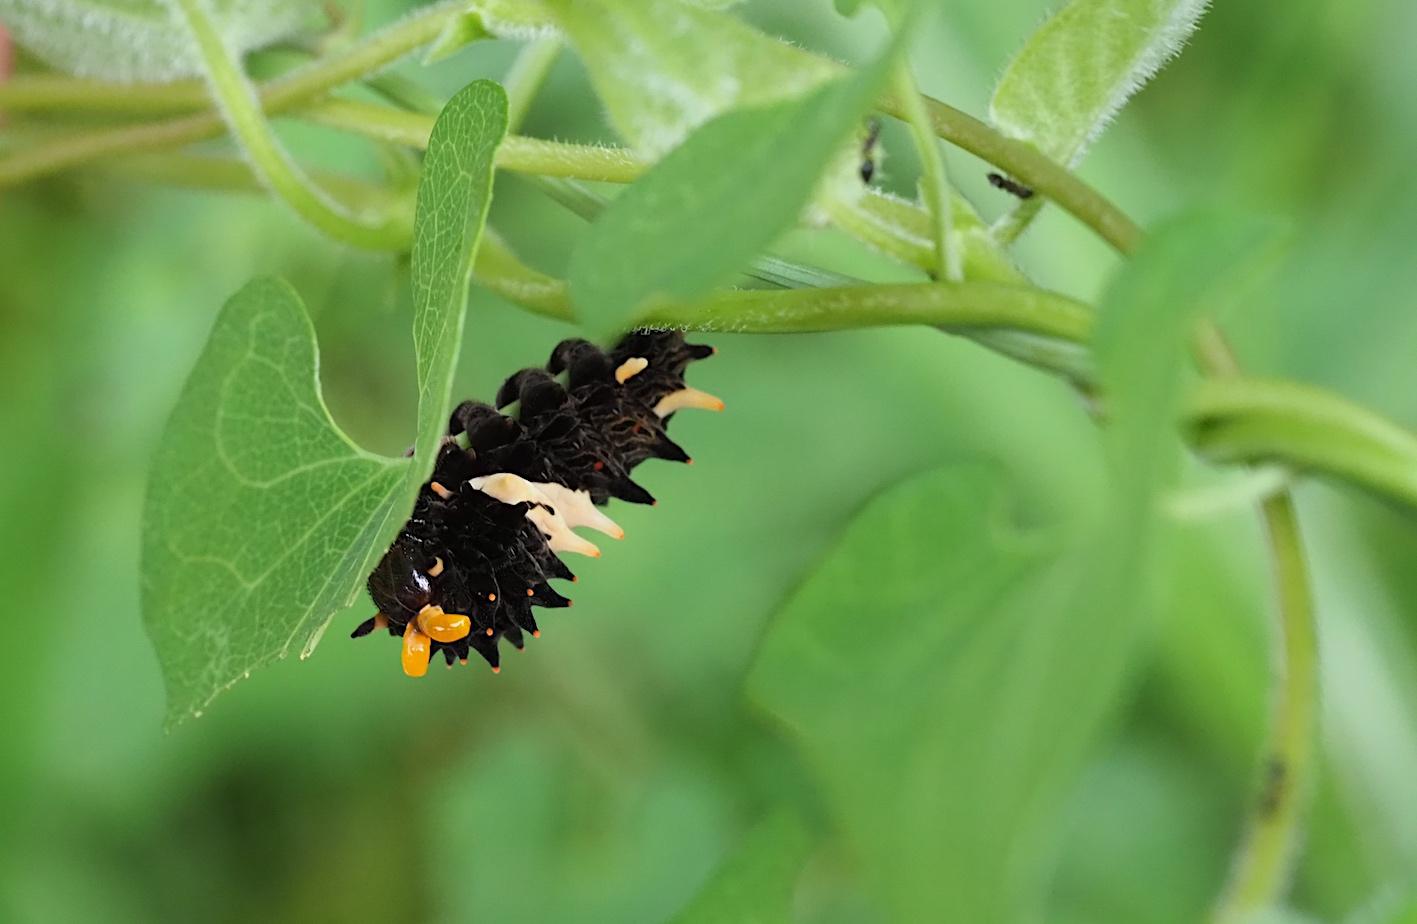 ホシミスジ幼虫&ジャコウアゲハ幼虫(2018年8月29日)_d0303129_1337325.jpg